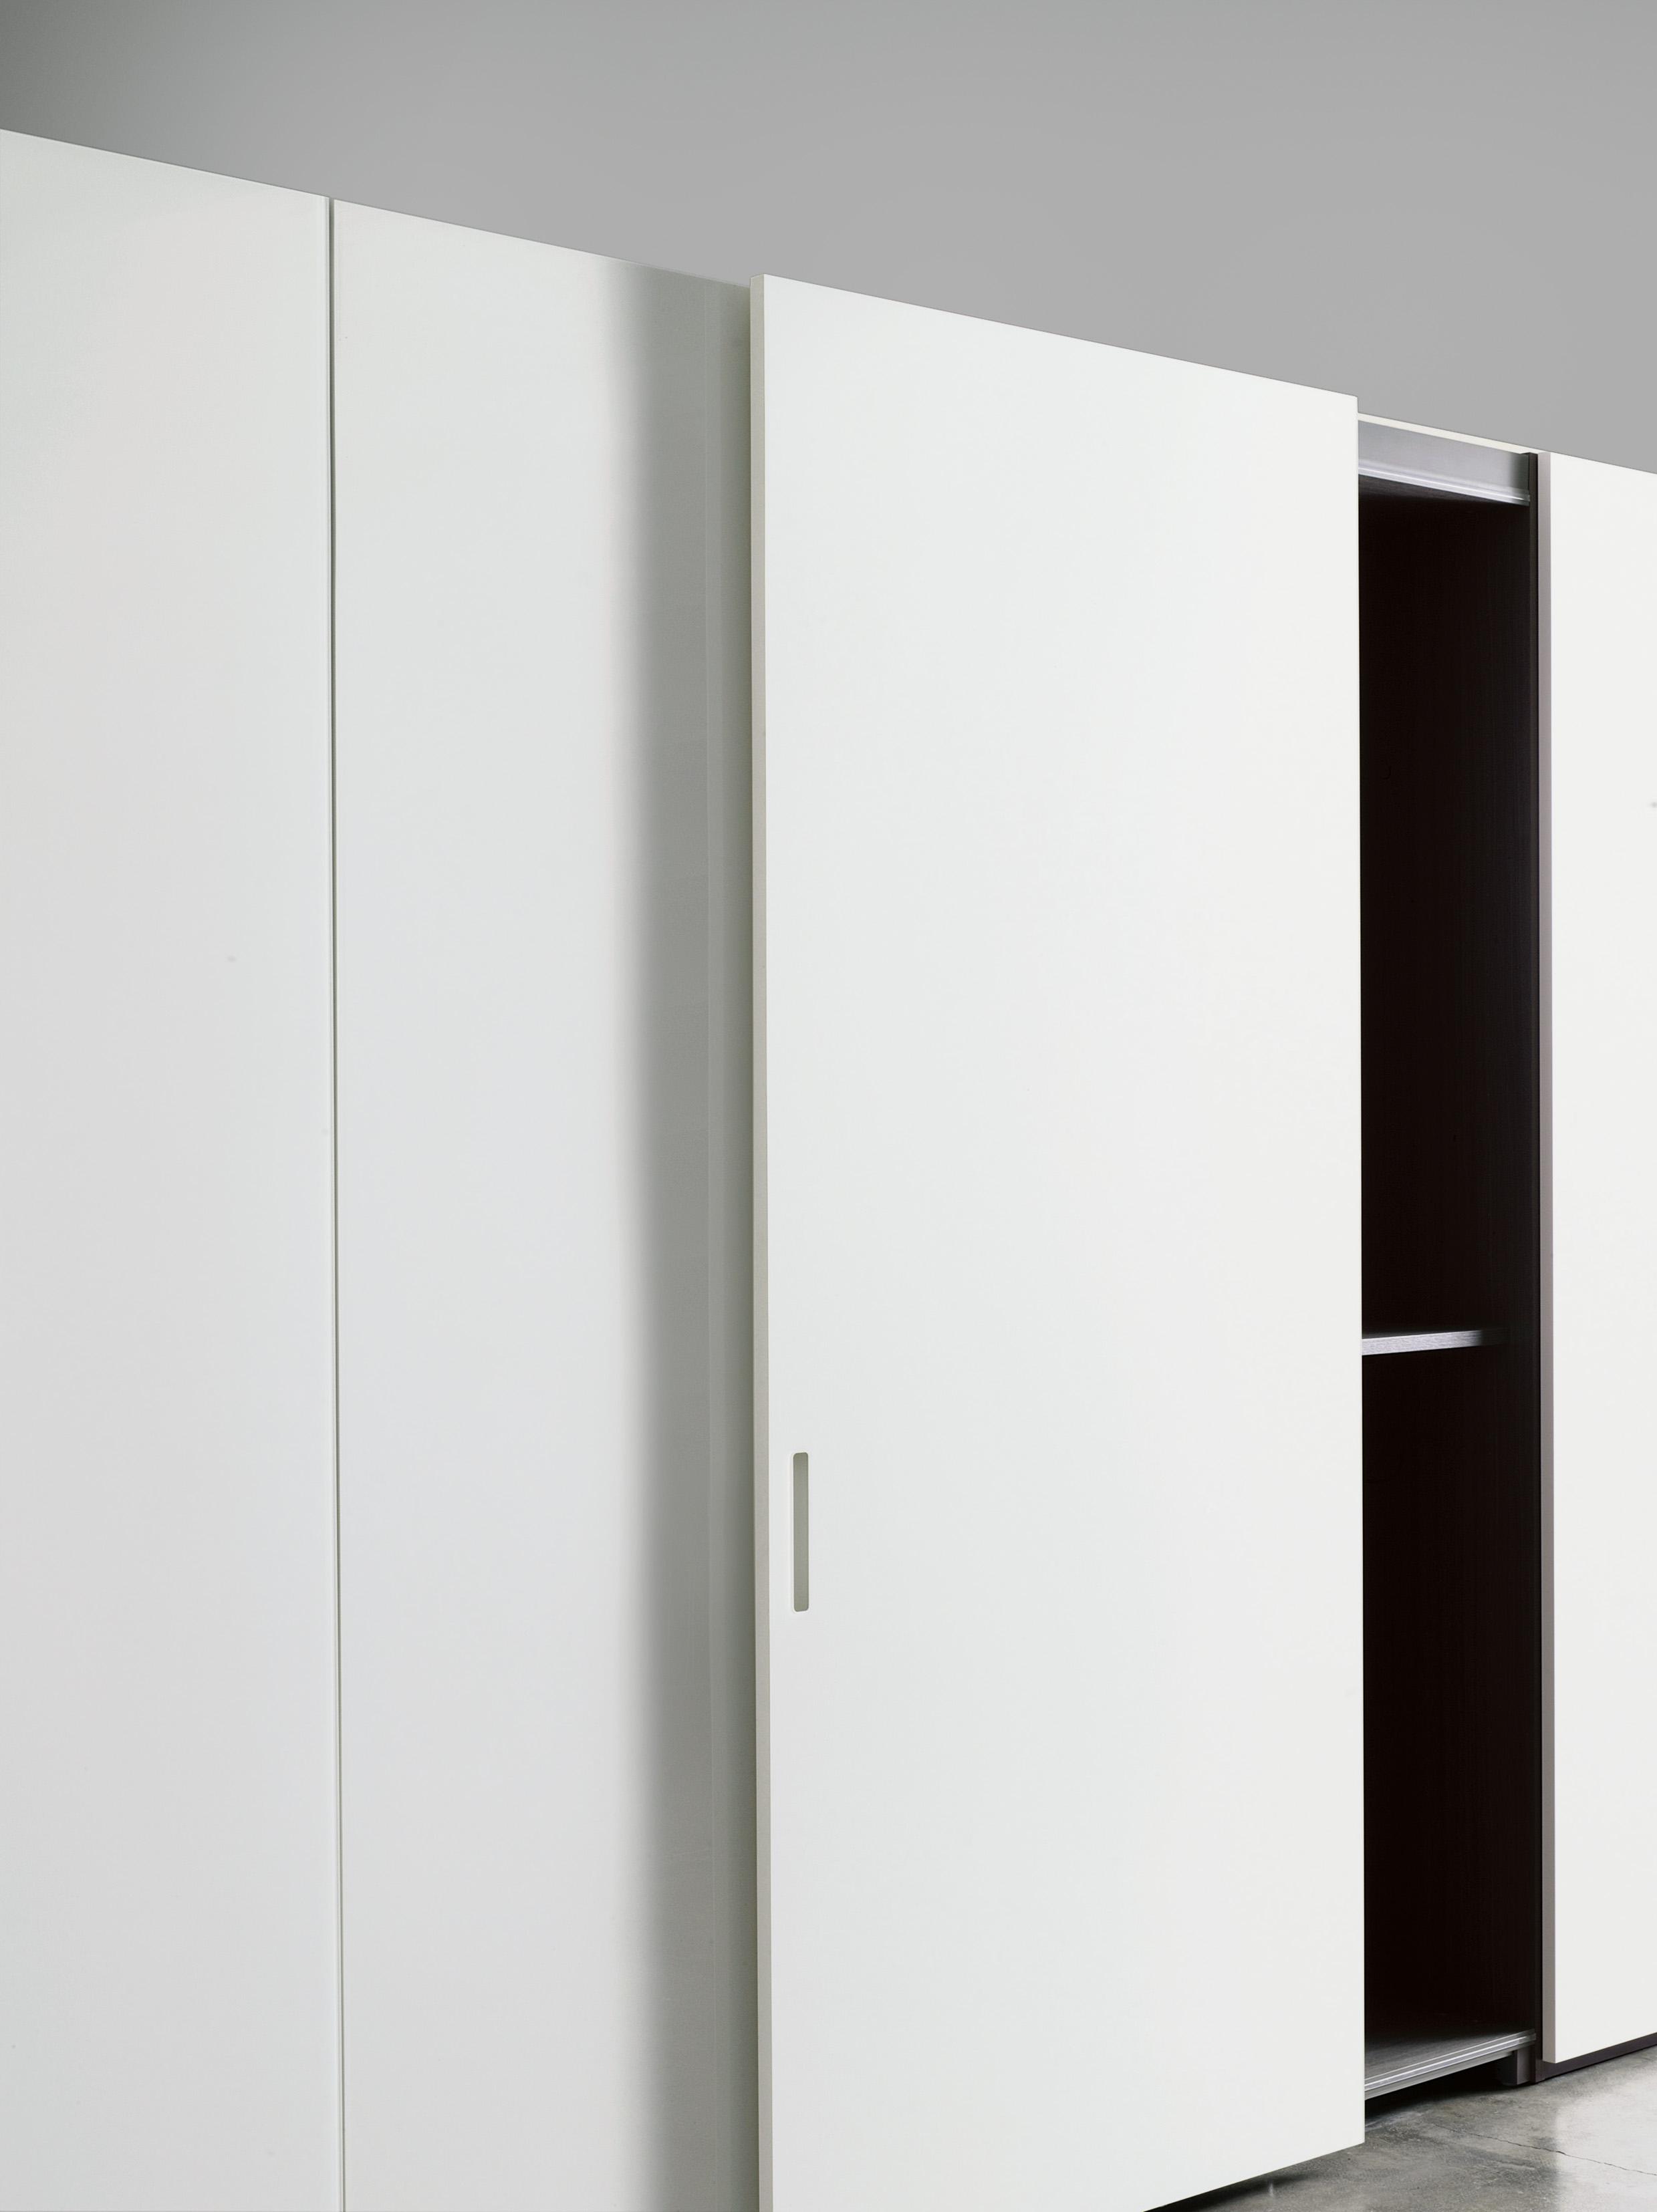 storage complinar doors.jpg